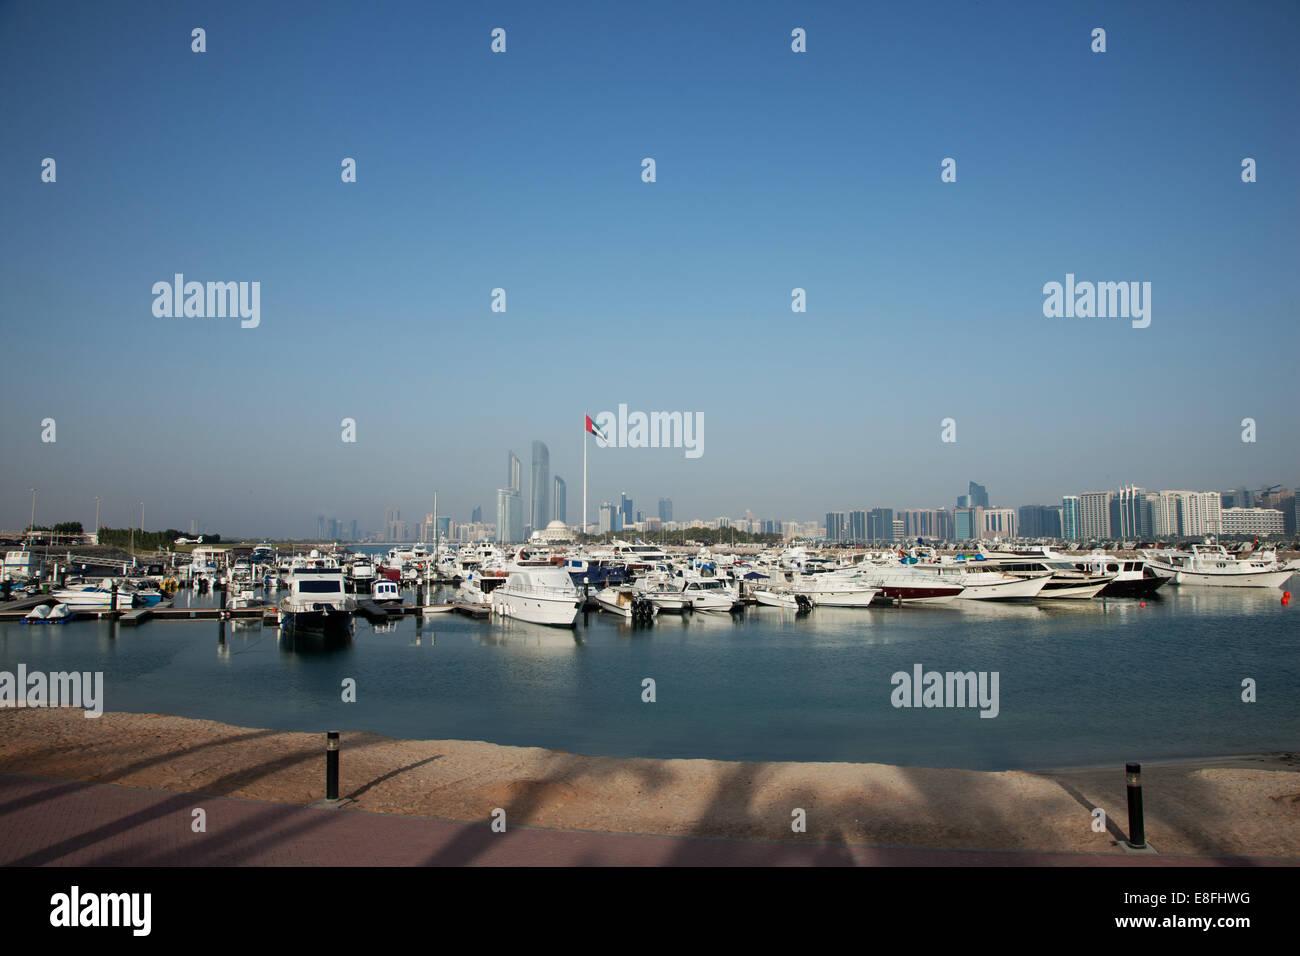 United Arab Emirates, Abu Dhabi, Skyline with harbor in foreground - Stock Image